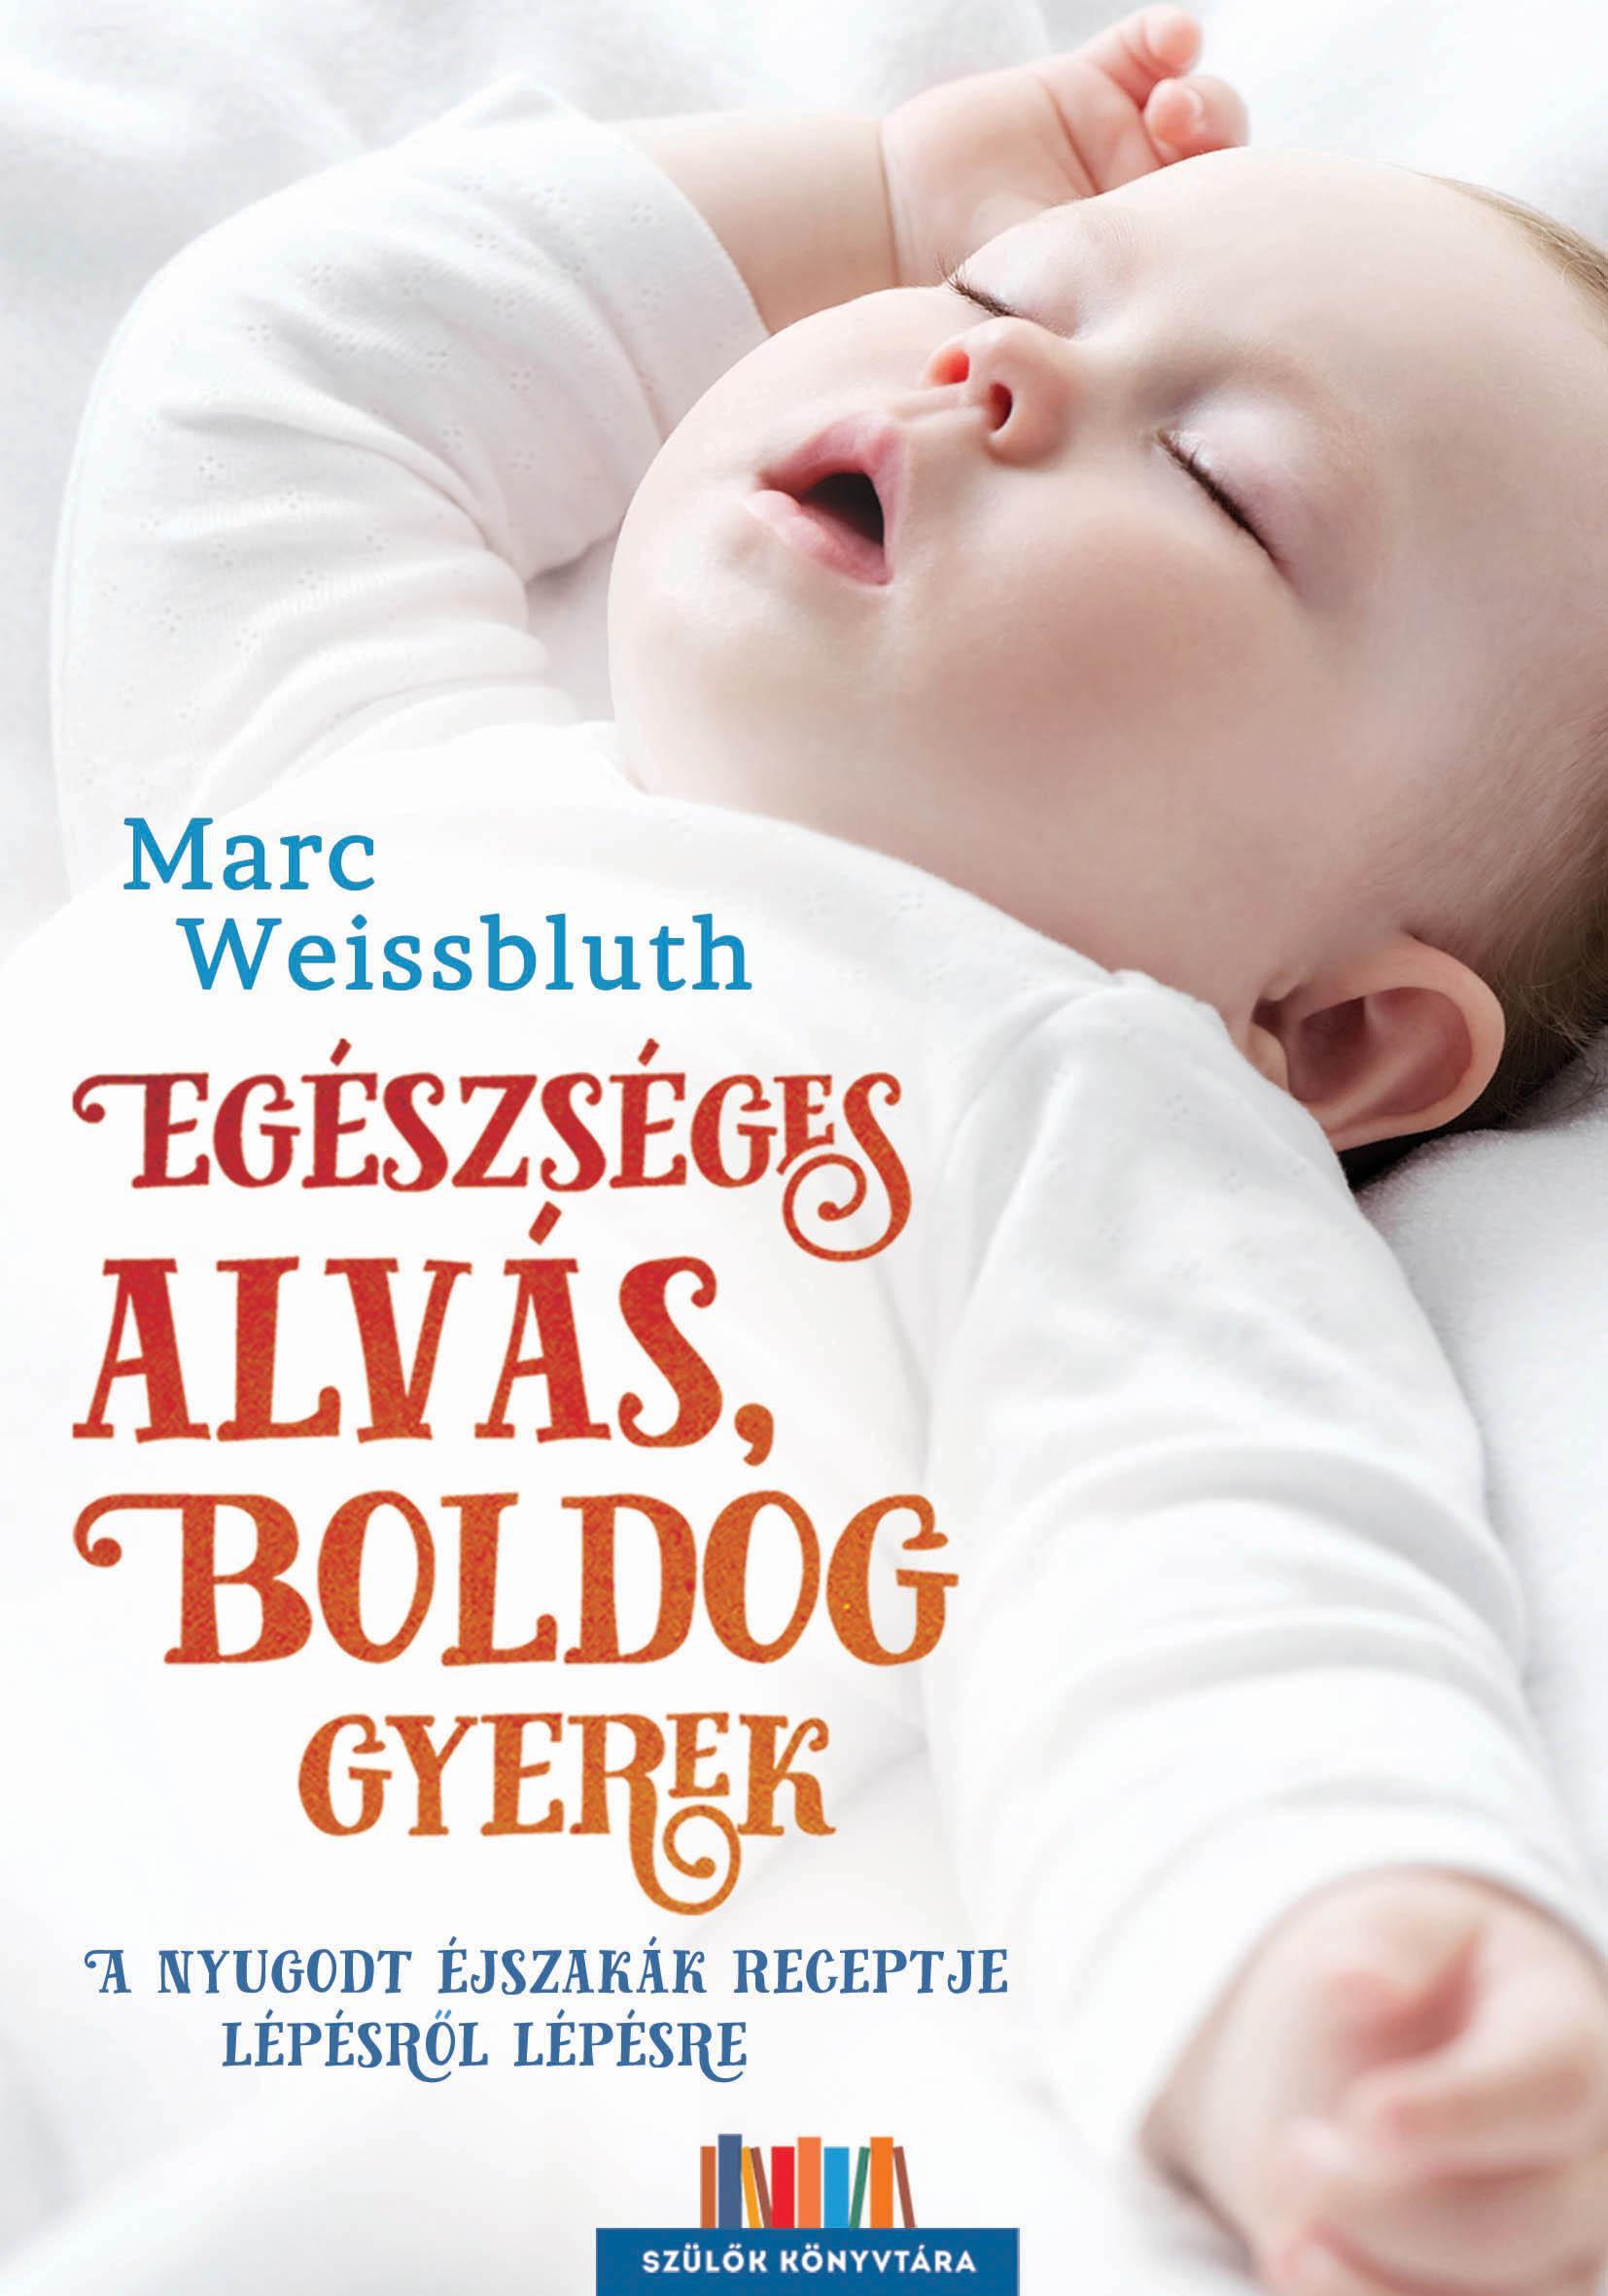 WEISSBLUTH, MARC - EGÉSZSÉGES ALVÁS, BOLDOG GYEREK